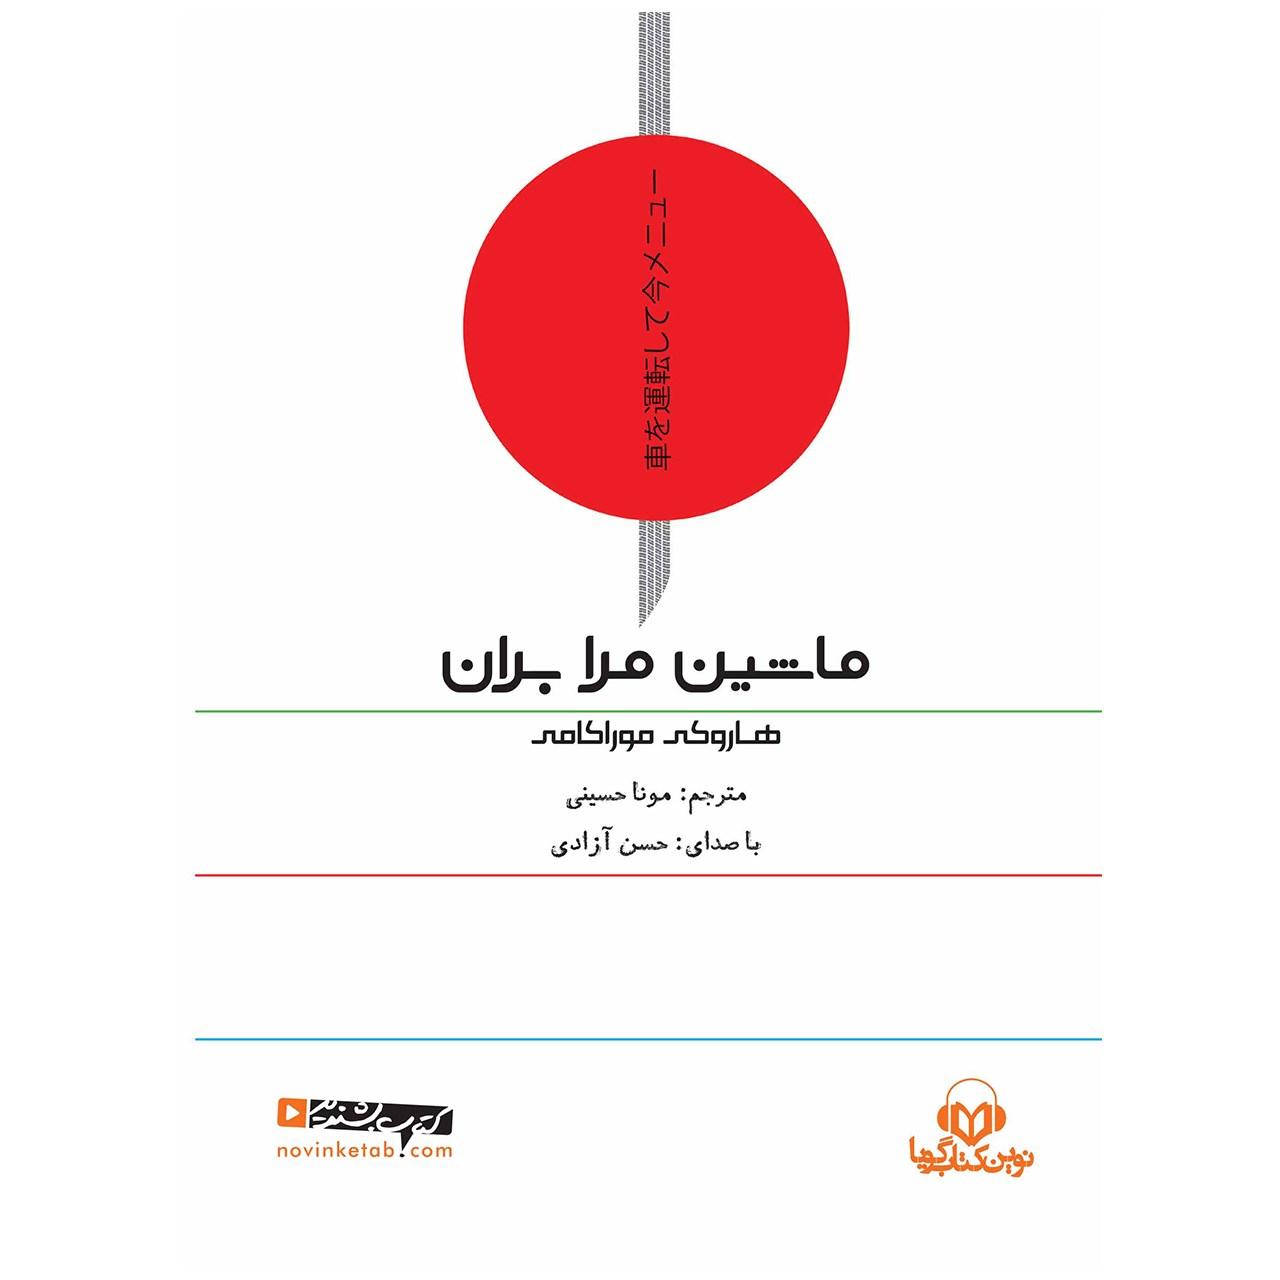 کتاب صوتی ماشین مرا بران اثر هاروکی موراکامی